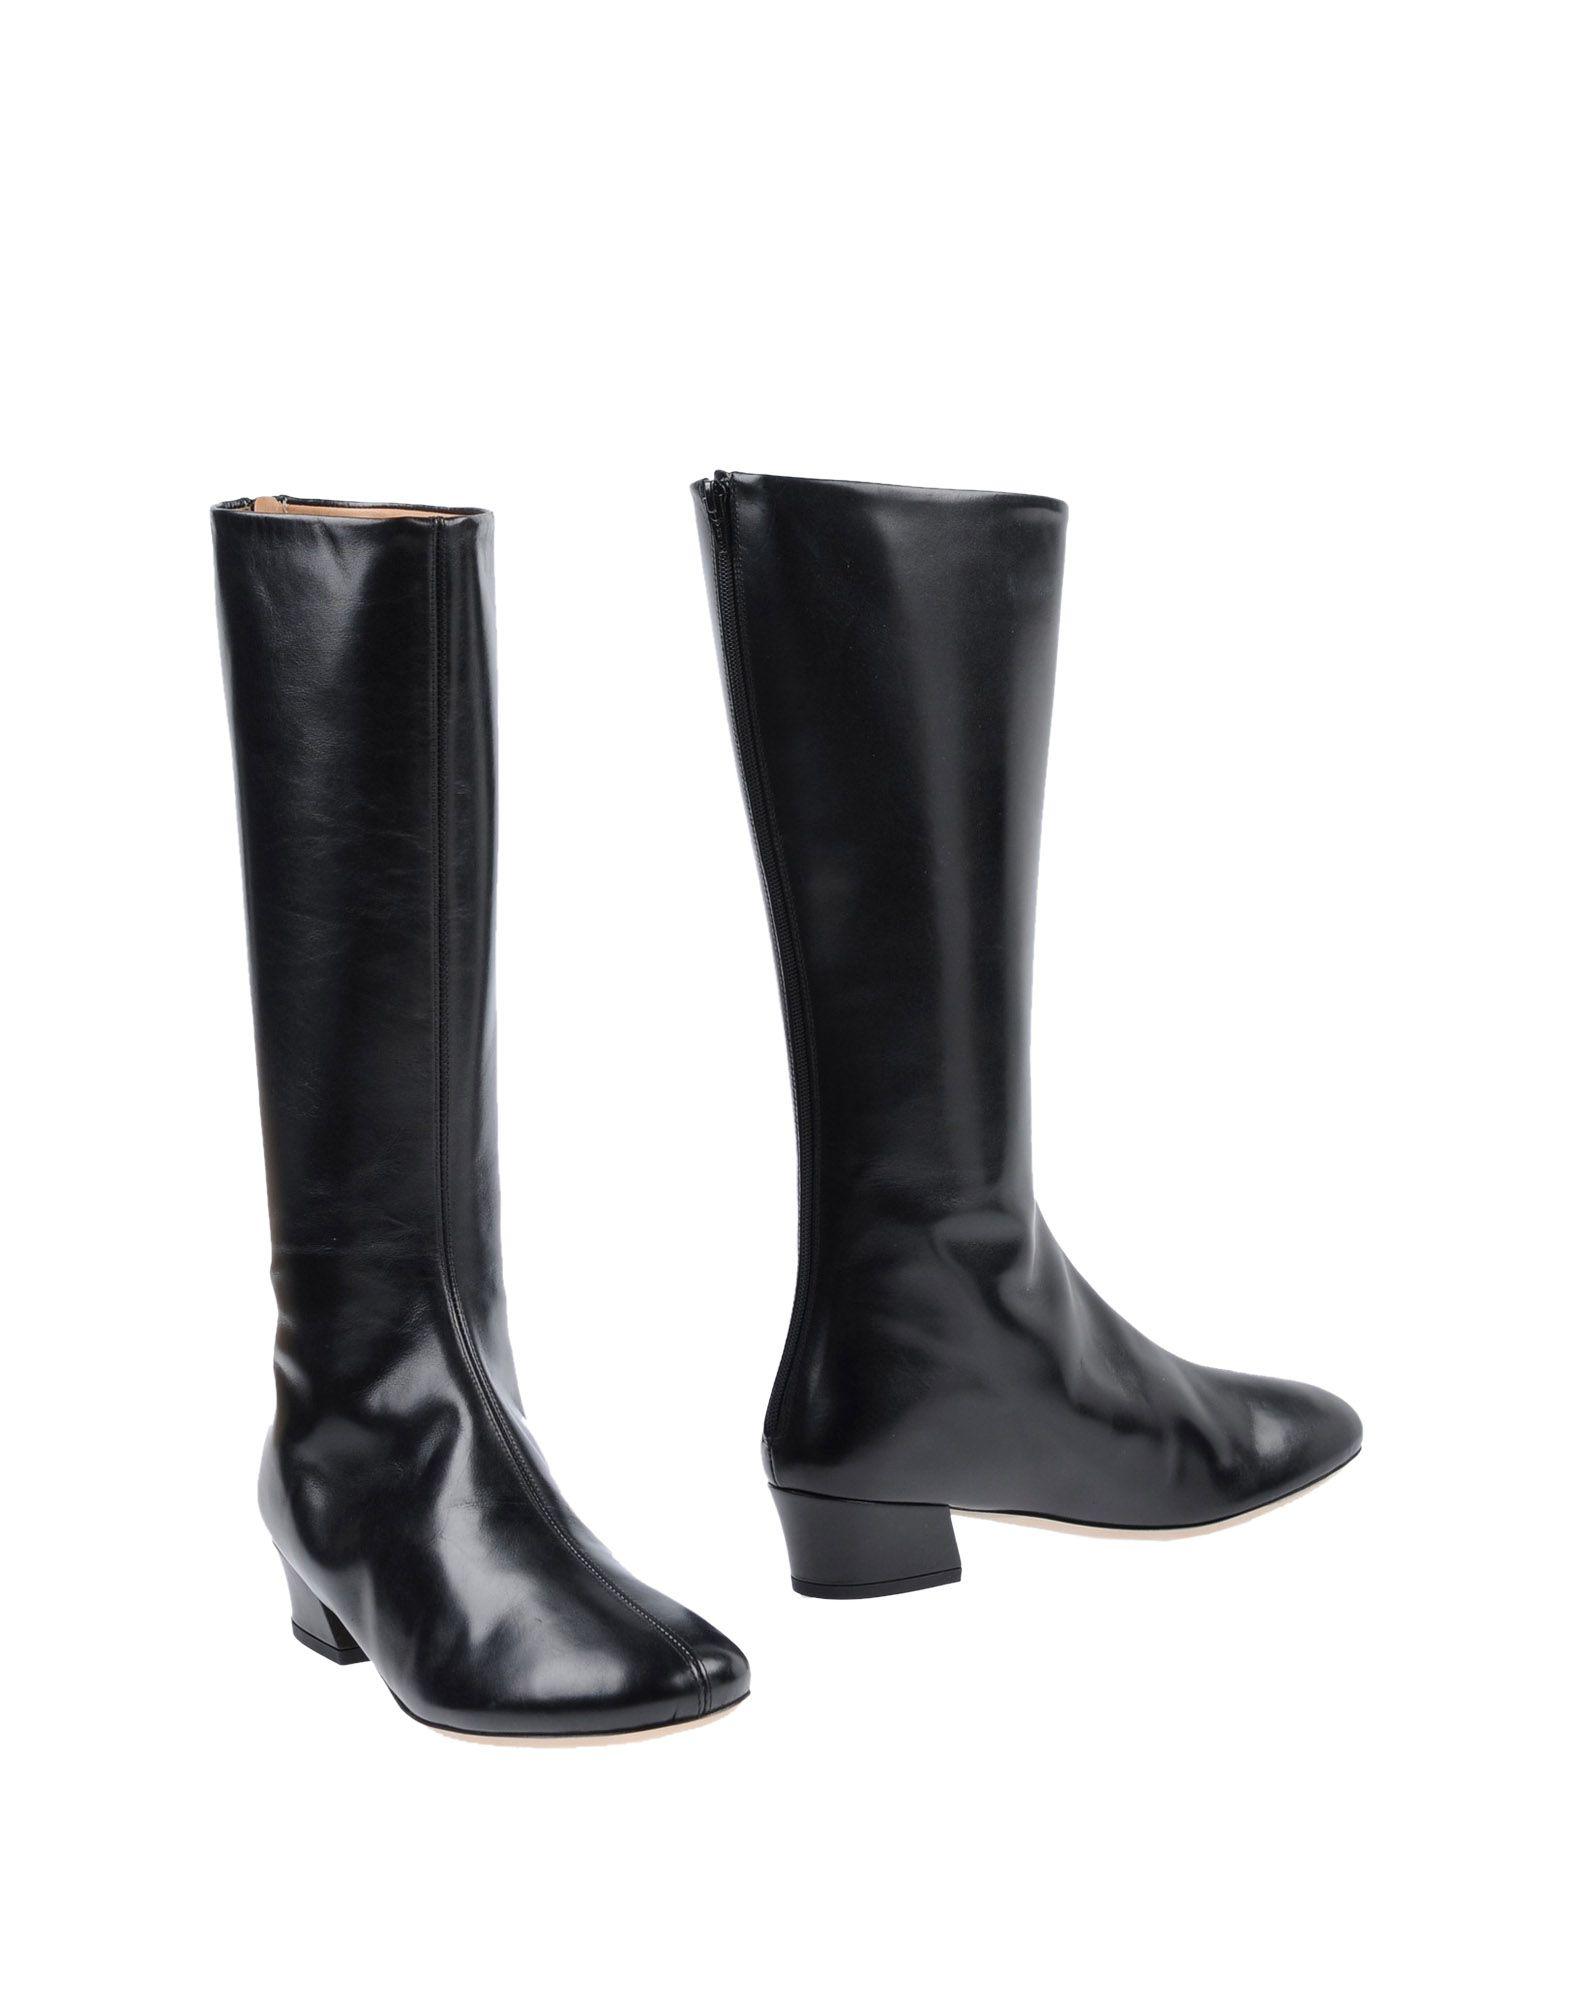 Dries Van Noten Stiefel Damen  11461806LH Neue Schuhe